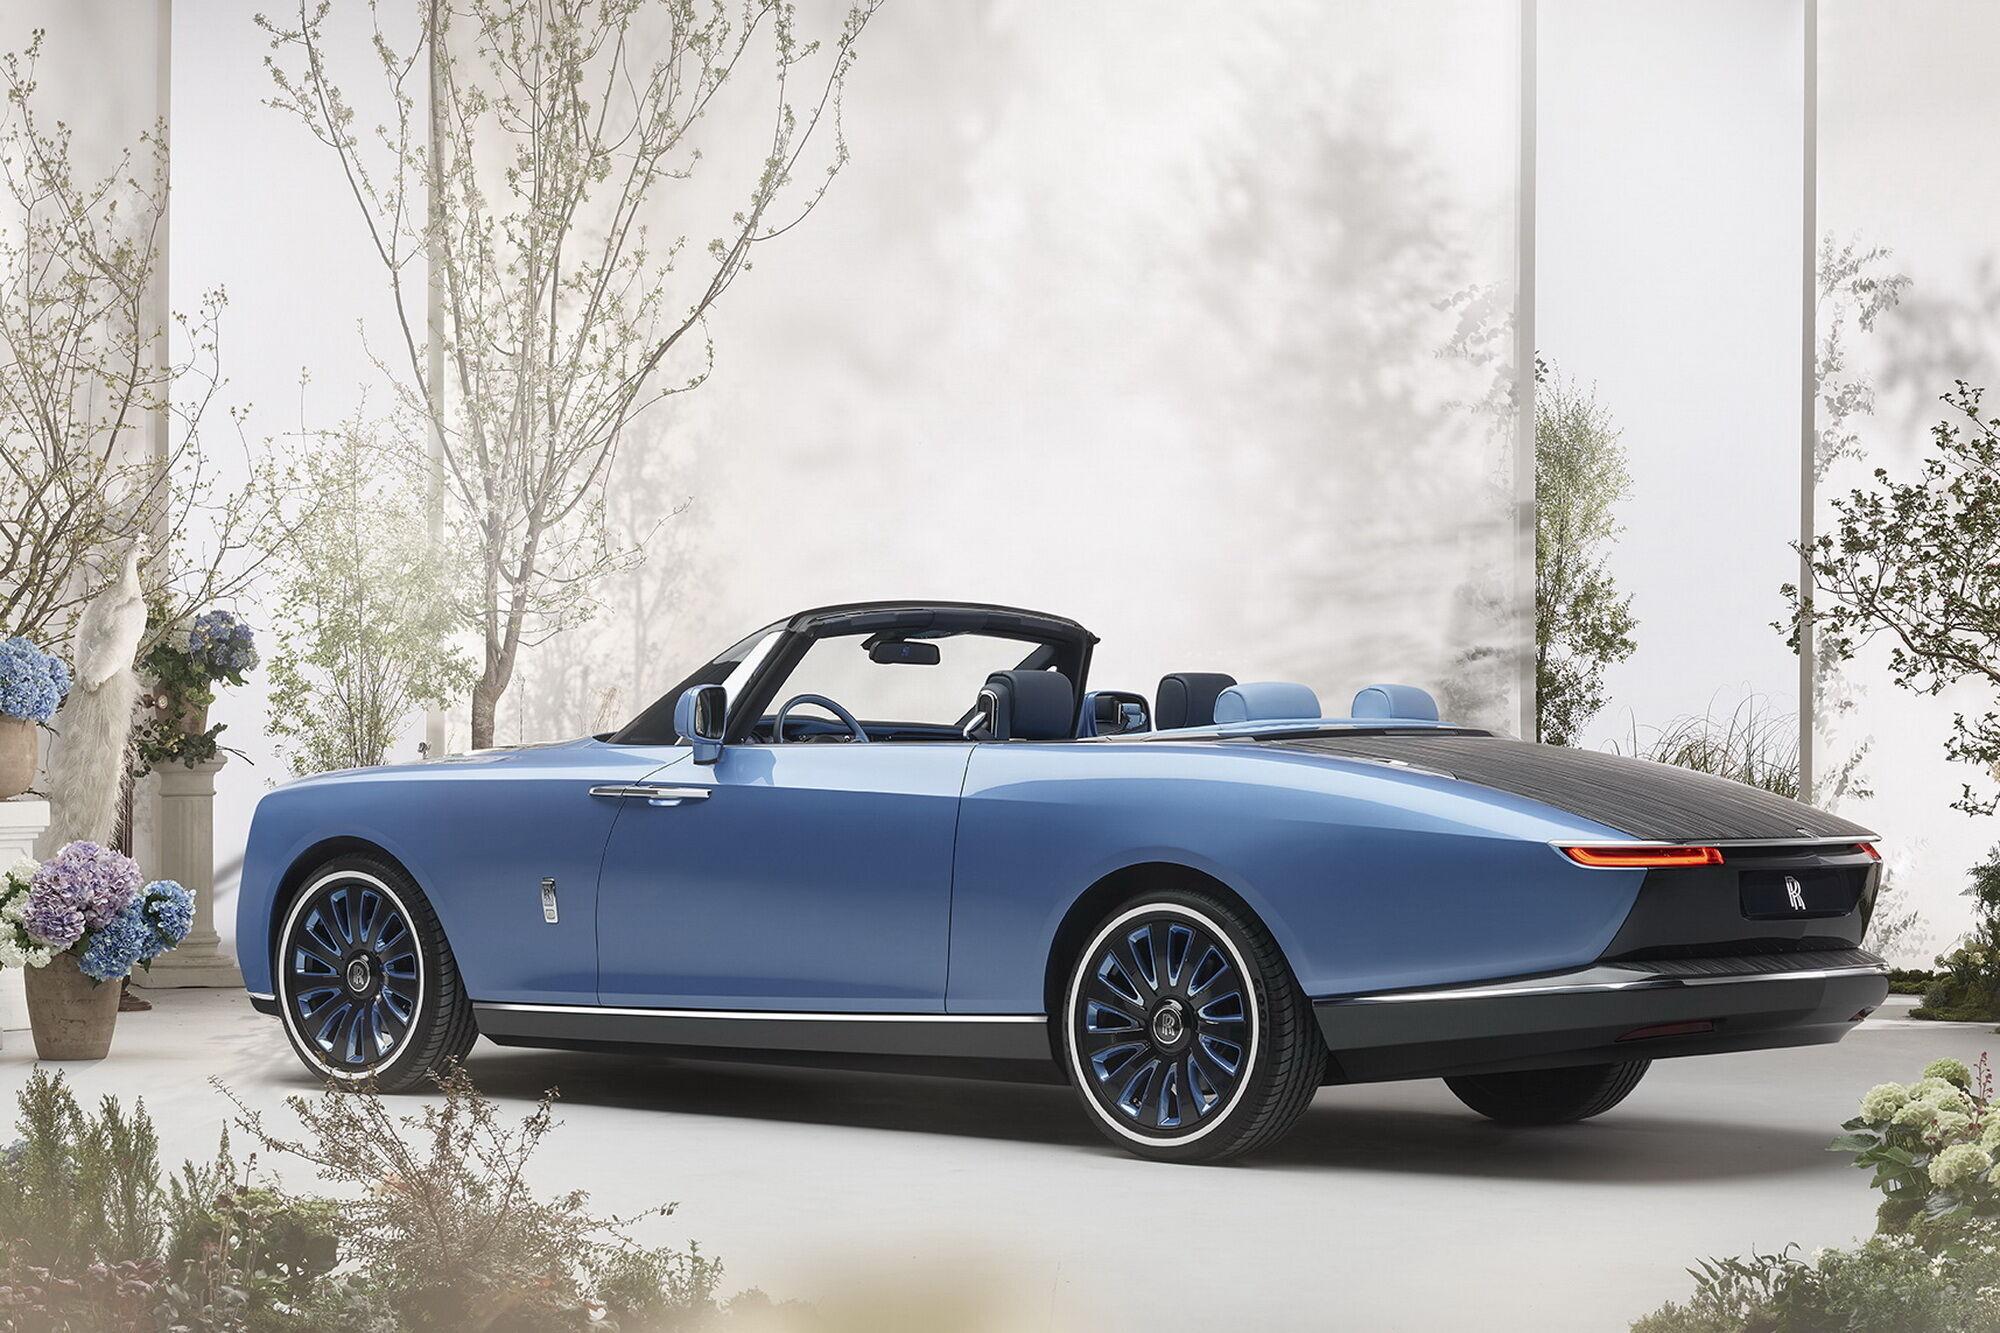 Перший Boat Tail замовила заможна подружня пара, в колекції якої є кілька автомобілів Rolls-Royce